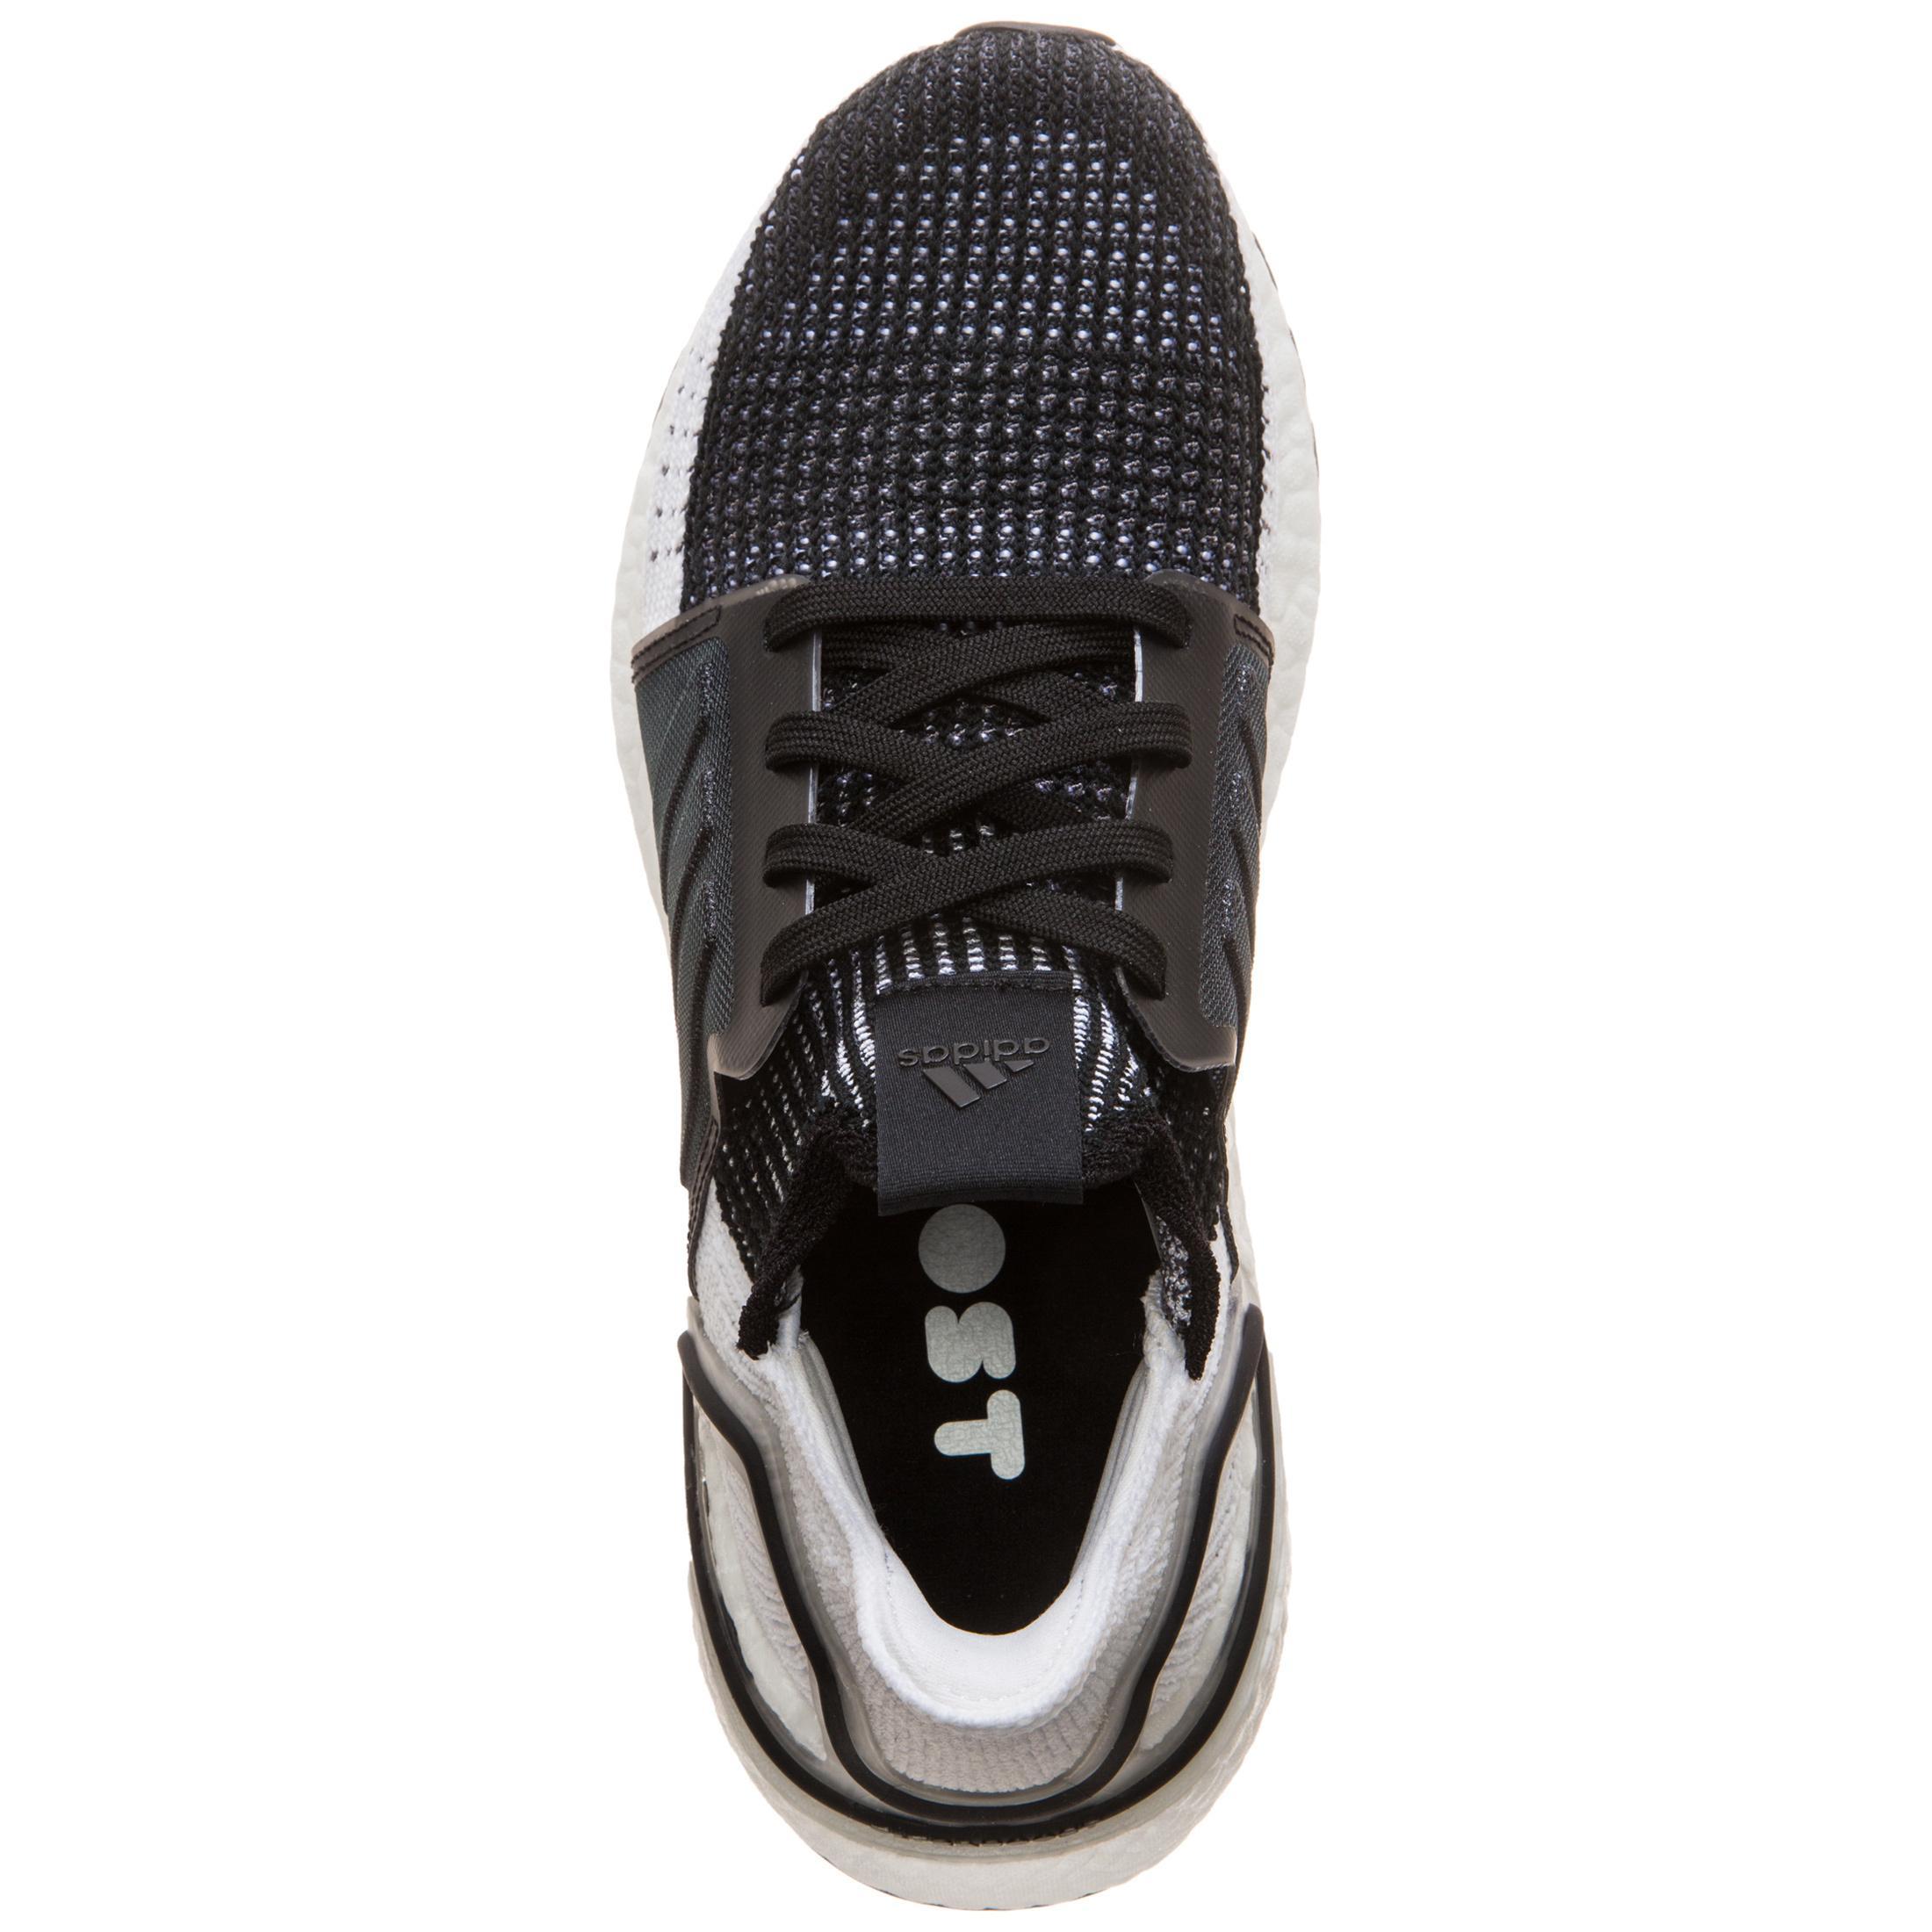 Adidas UltraBOOST 19 Laufschuhe Damen schwarz schwarz schwarz   grau im Online Shop von SportScheck kaufen Gute Qualität beliebte Schuhe 8c750e